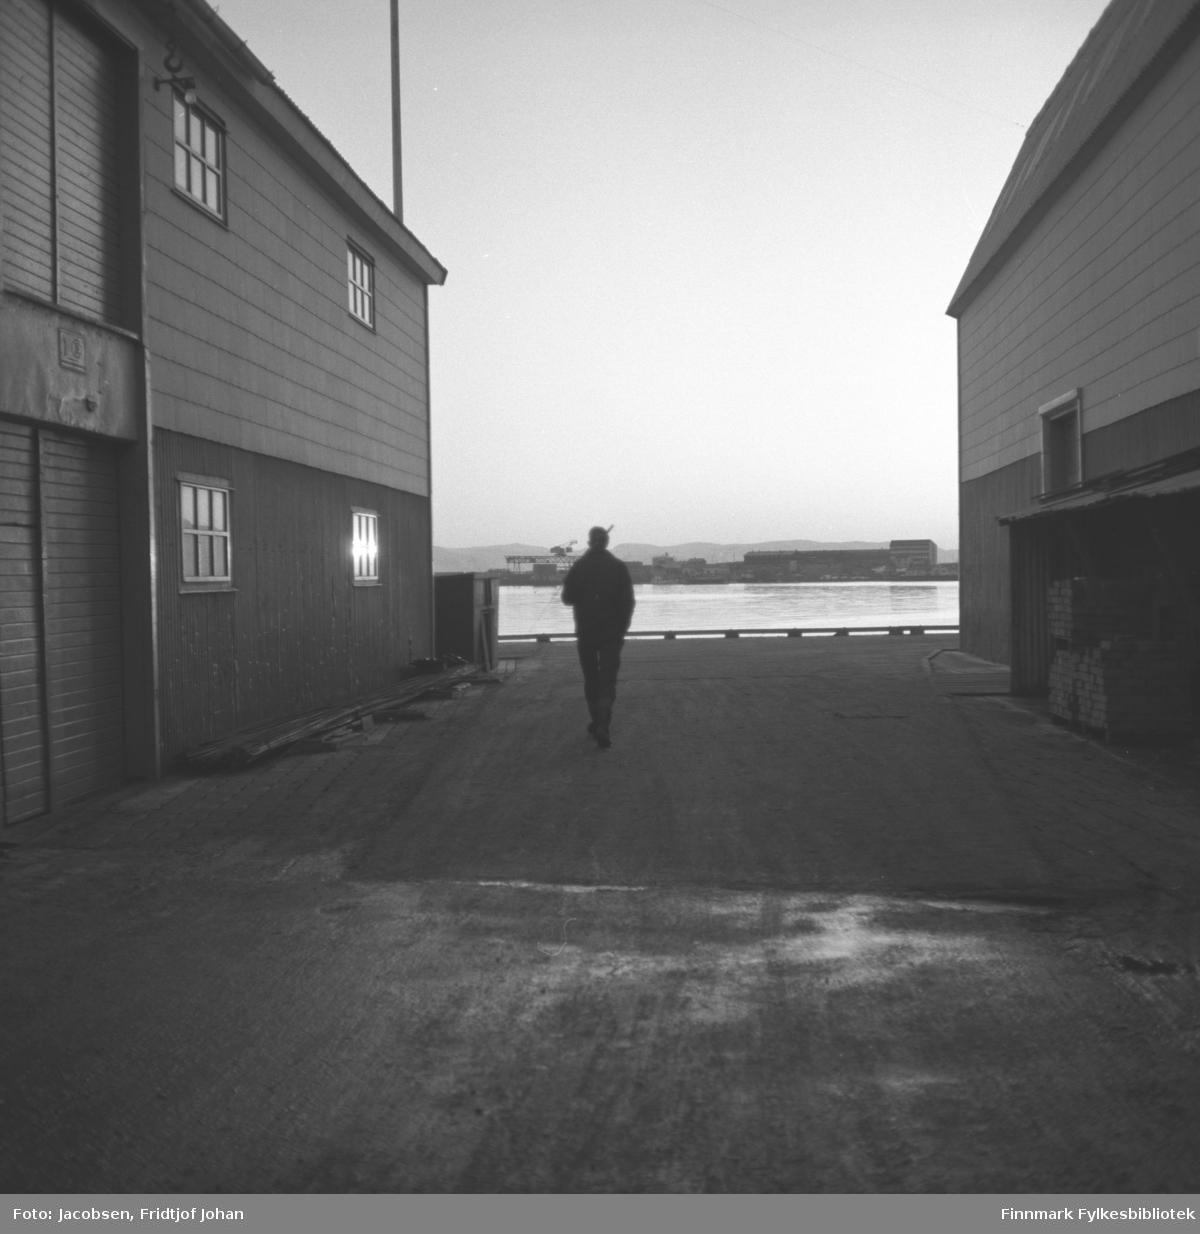 Arne Jacobsen har fiskestanga på skulderen og går nedover Hauankaia. Han har mørke klær på seg. De store byggene til Hauans materialhandel ligger på begge sidene av han, med materiallageret til høyre på bildet. På andre siden av havna/innseilingen til Hammerfest ses pakkhus og Kullkranen på Fuglenesodden. Diffust i bakgrunnen ses fjellene på Sørøya.